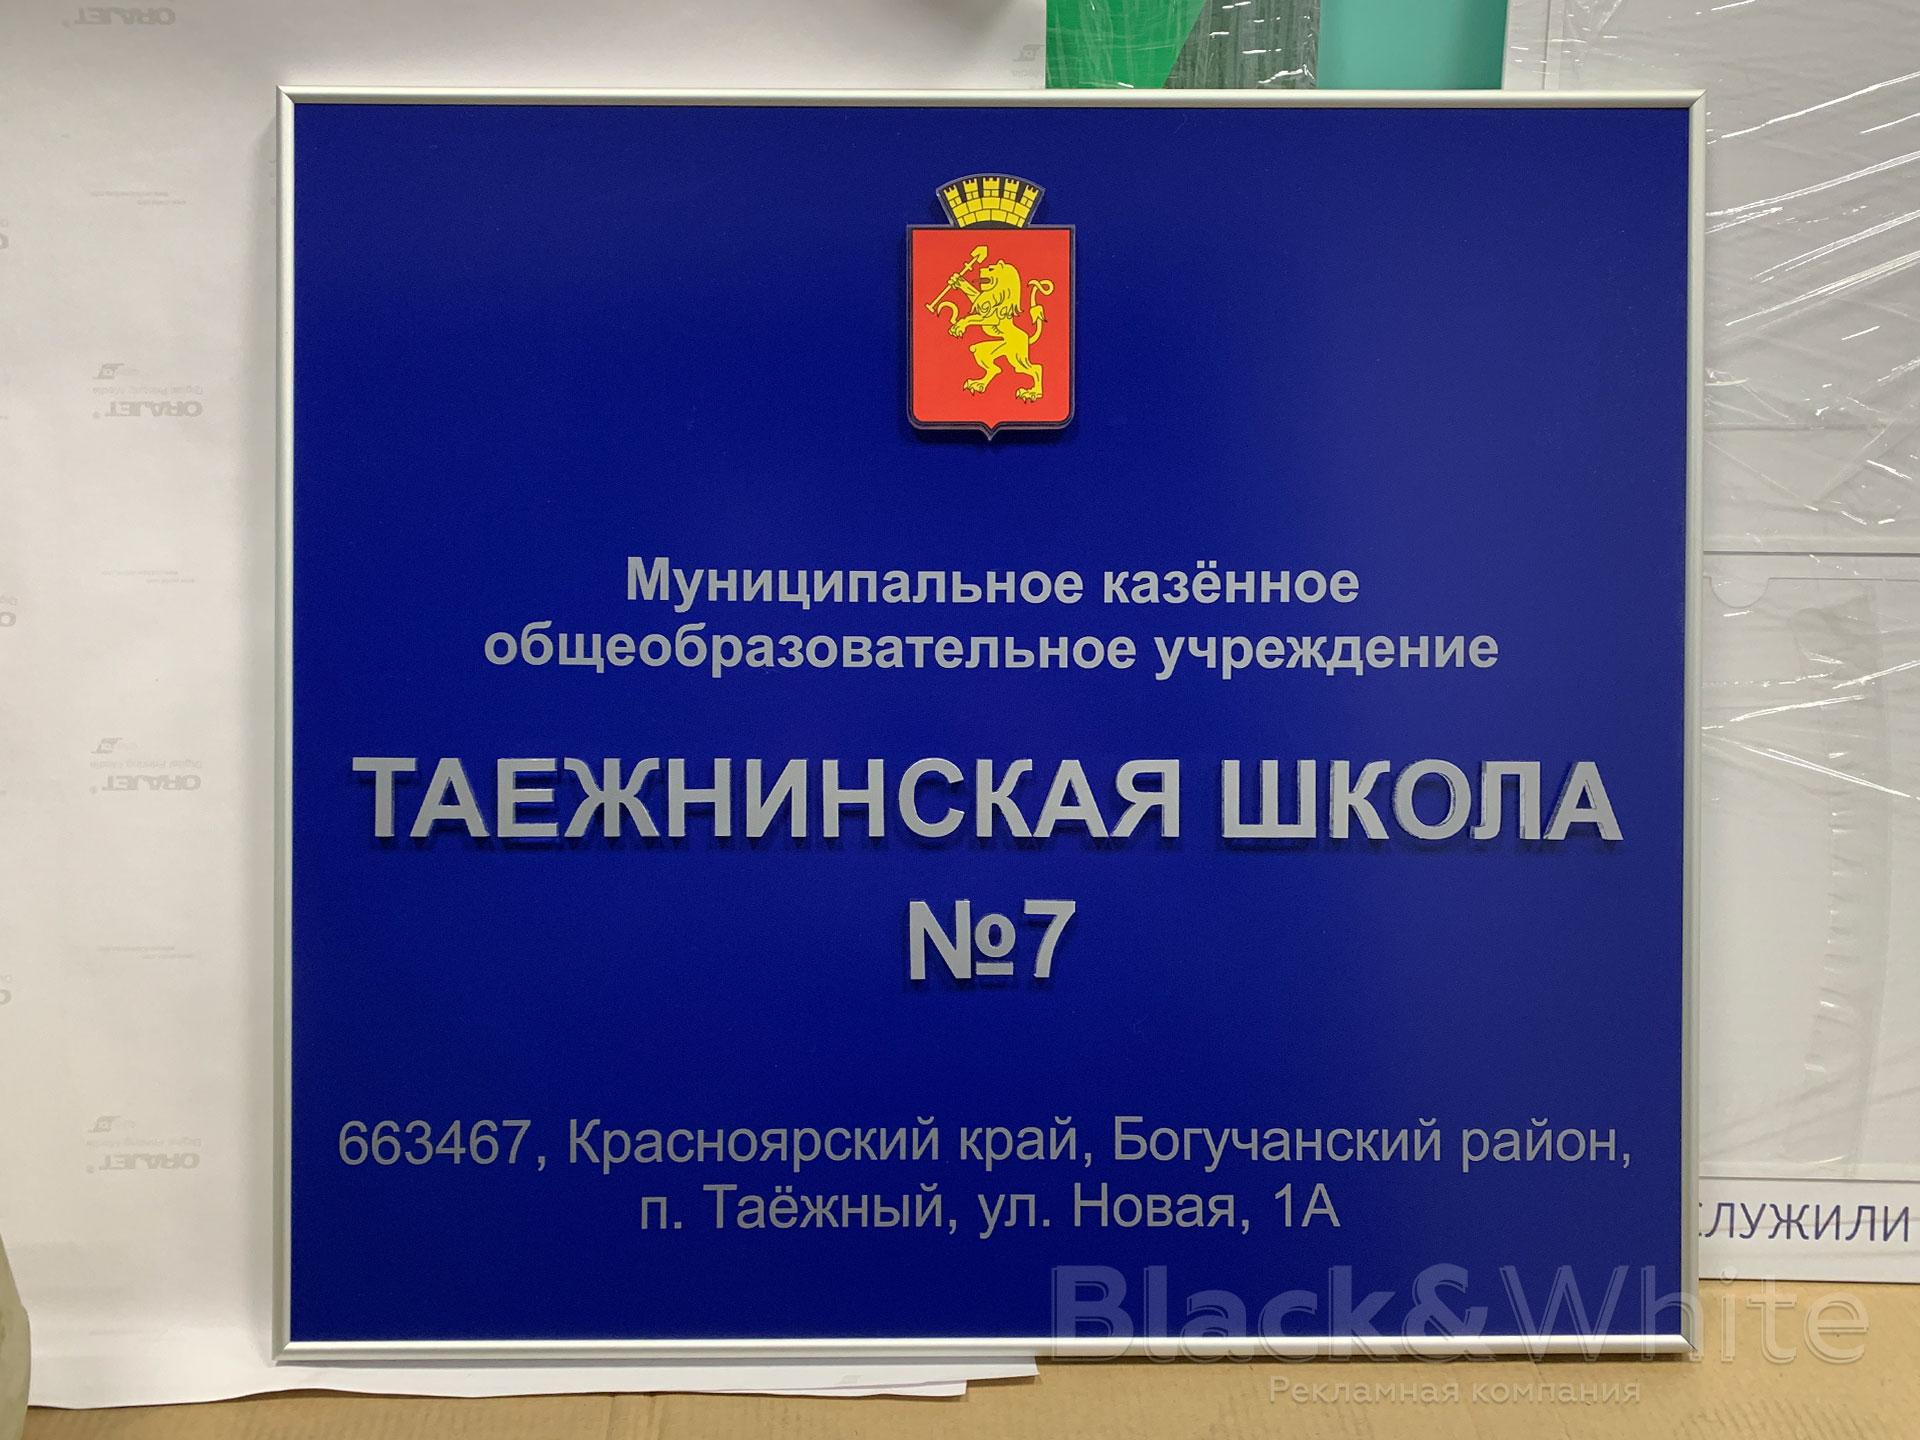 Фасабная-табличка-для-школы-Плоские-(псевдообъемные)-буквы-из-оргстекла-акрила-bukvyi-ploskie-psevdoobemnyie-bukvyi-iz-orgstekla-табличка-для-школы-bwkras.jpg